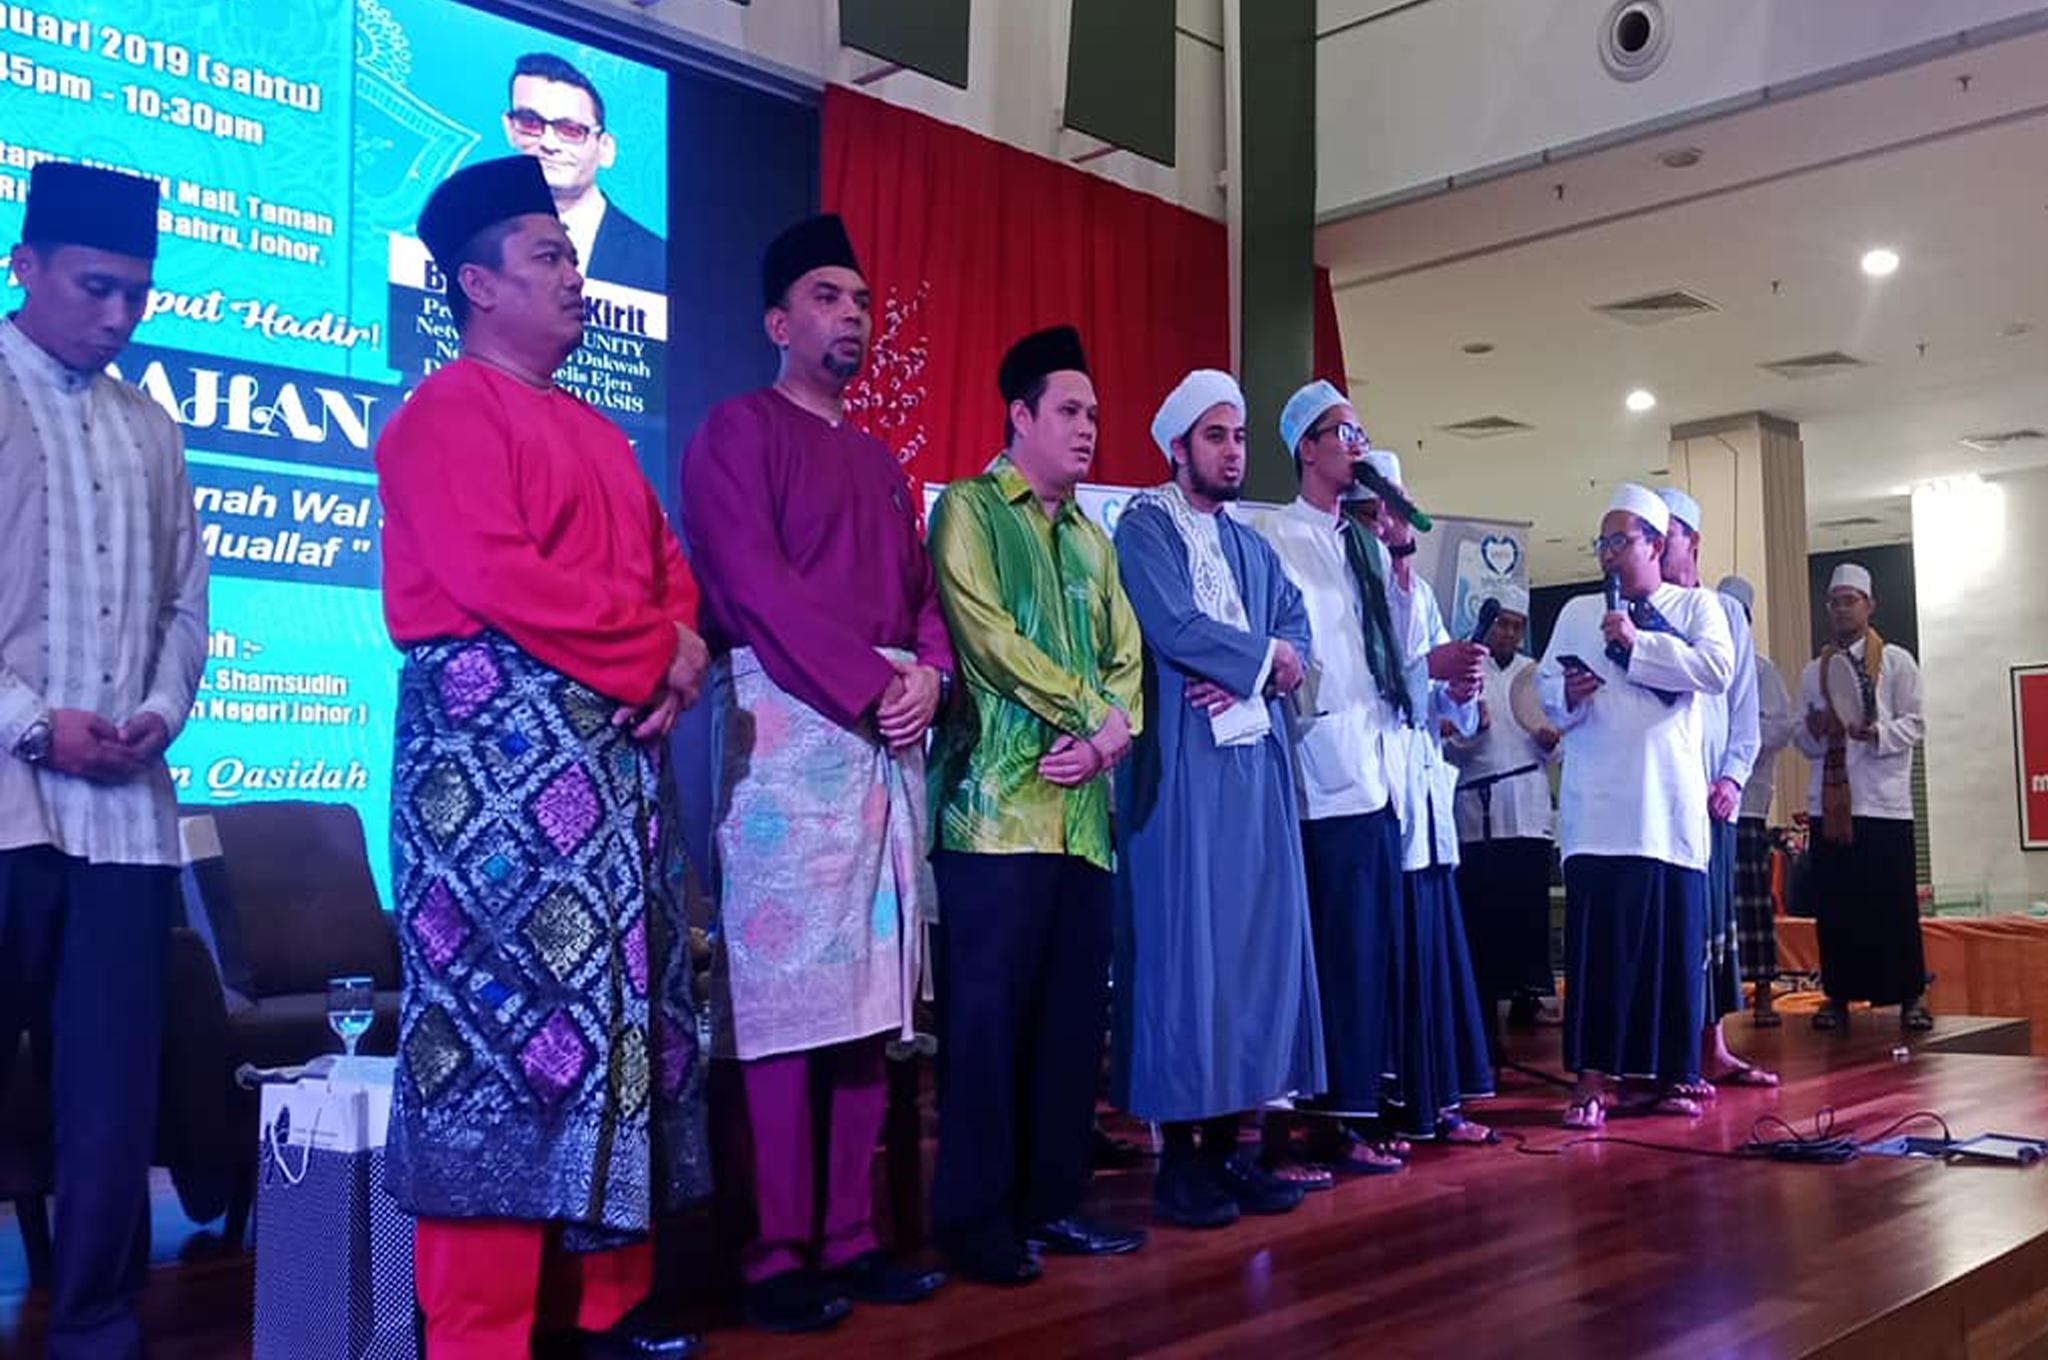 Forum Anjuran Bersama Bahagian Dakwah, Jabatan Agama Islam Negeri Johor, Pertubuhan Jaringan Harmoni, Mydin Mutiara Rini dan Tajaan Cenderahati oleh Syarikat Keris Mas Sdn Bhd pada 26 Januari 2019.